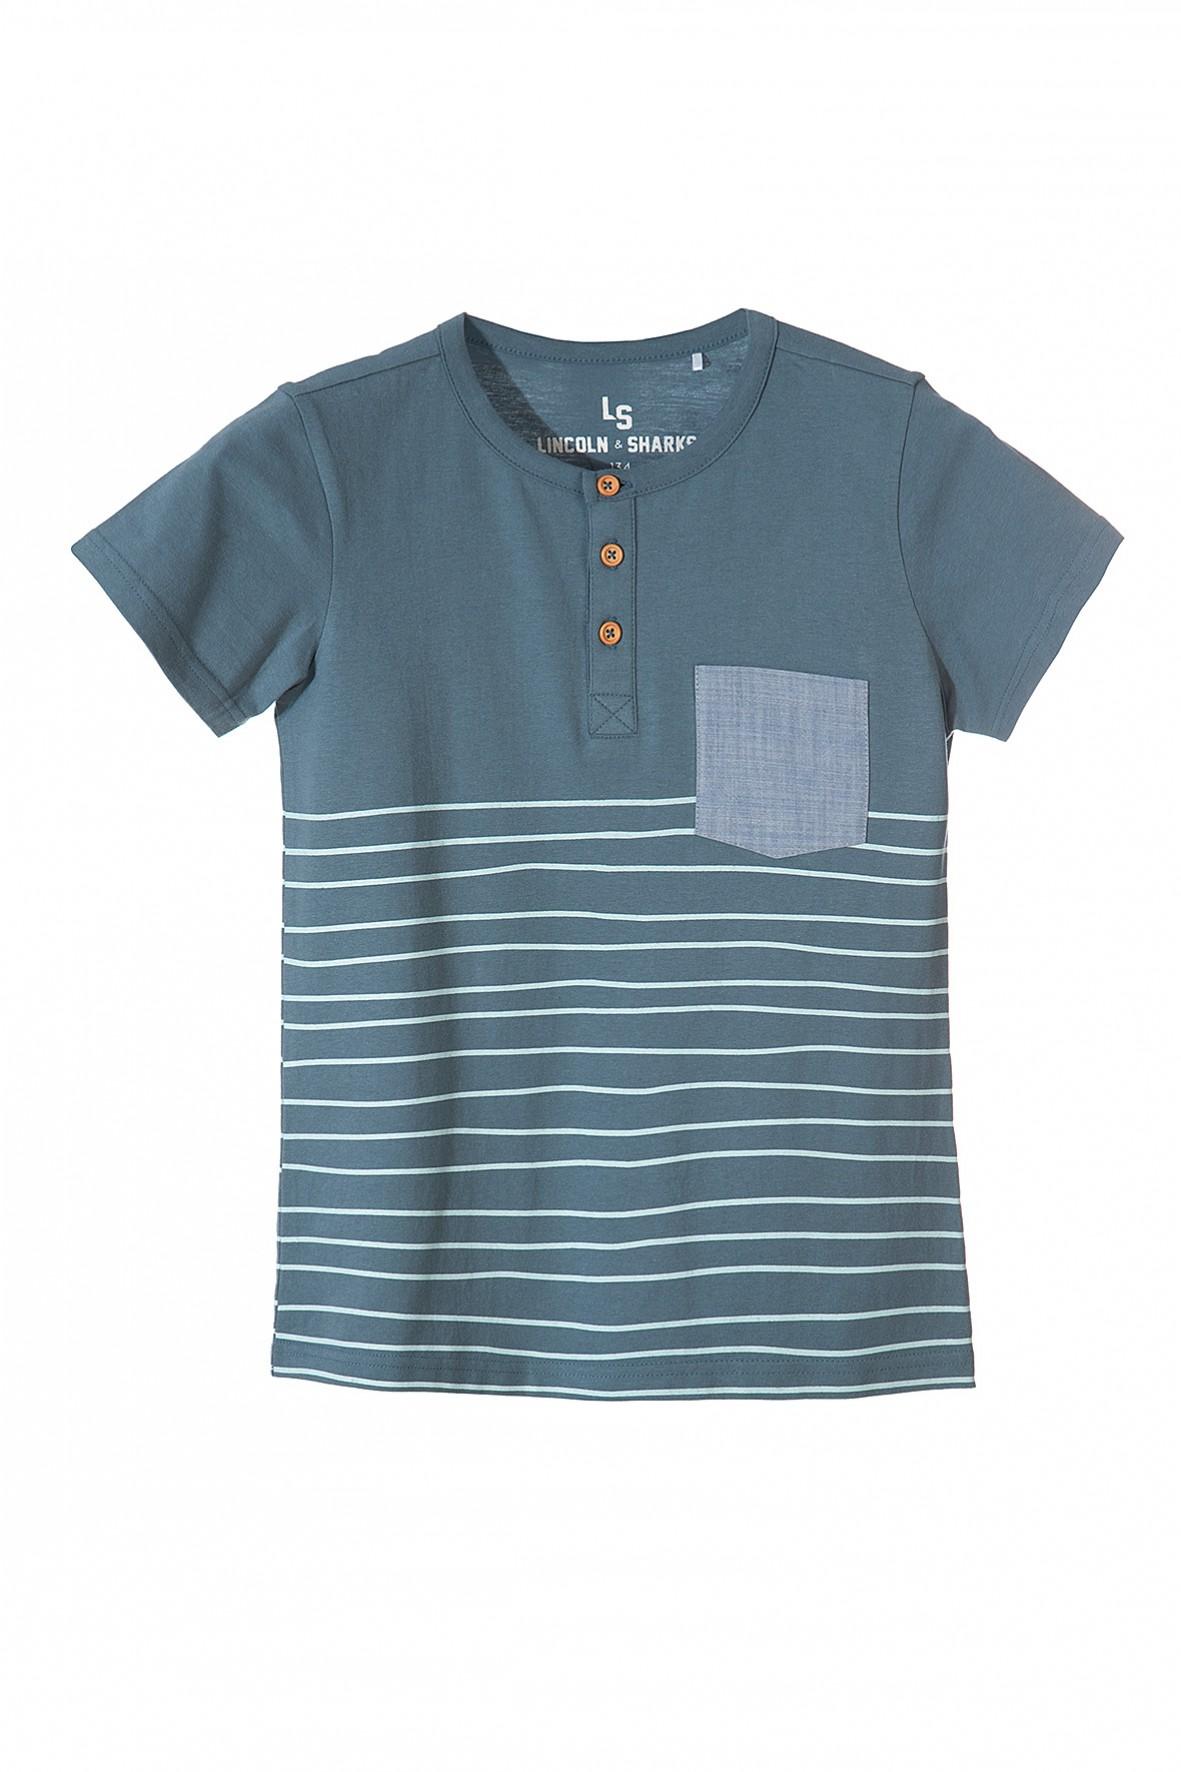 Koszulka chłopięca z kieszenią i ozdobnymi guzikami pod szyją